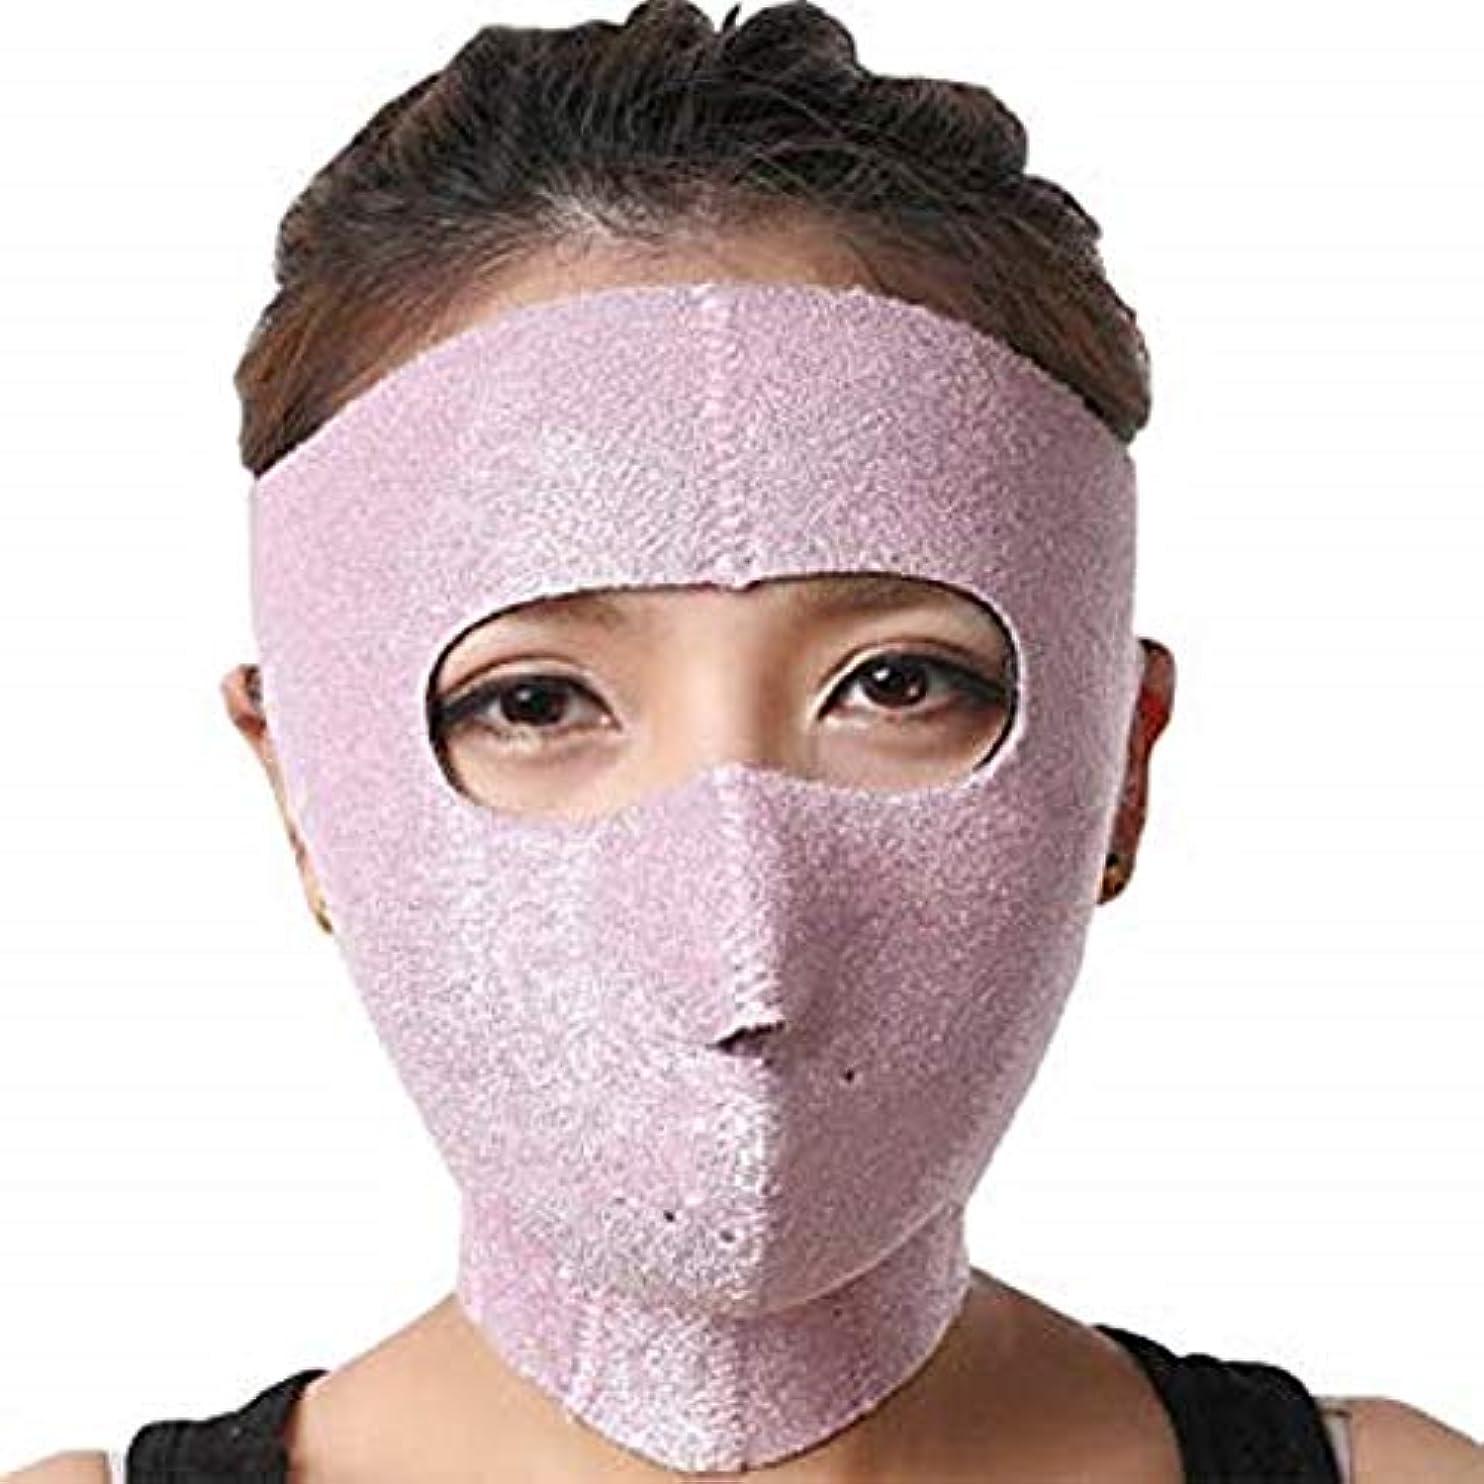 積分事前に動かすリタプロショップ? 小顔矯正 3Dマスク 発汗 サウナ フェイスライン 引き締め